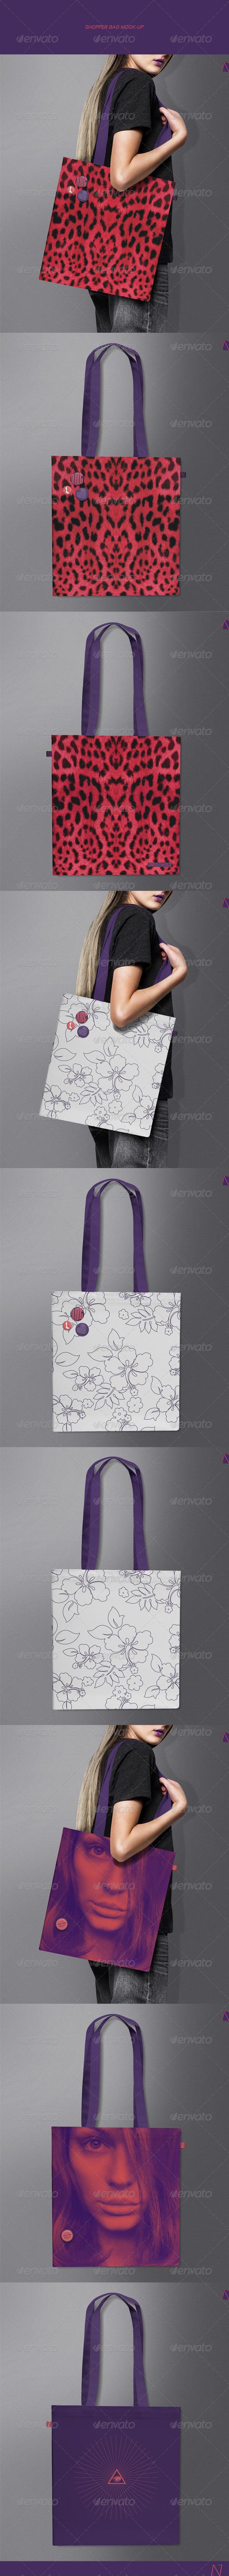 GraphicRiver Shopper Bag Mock-up 7708193